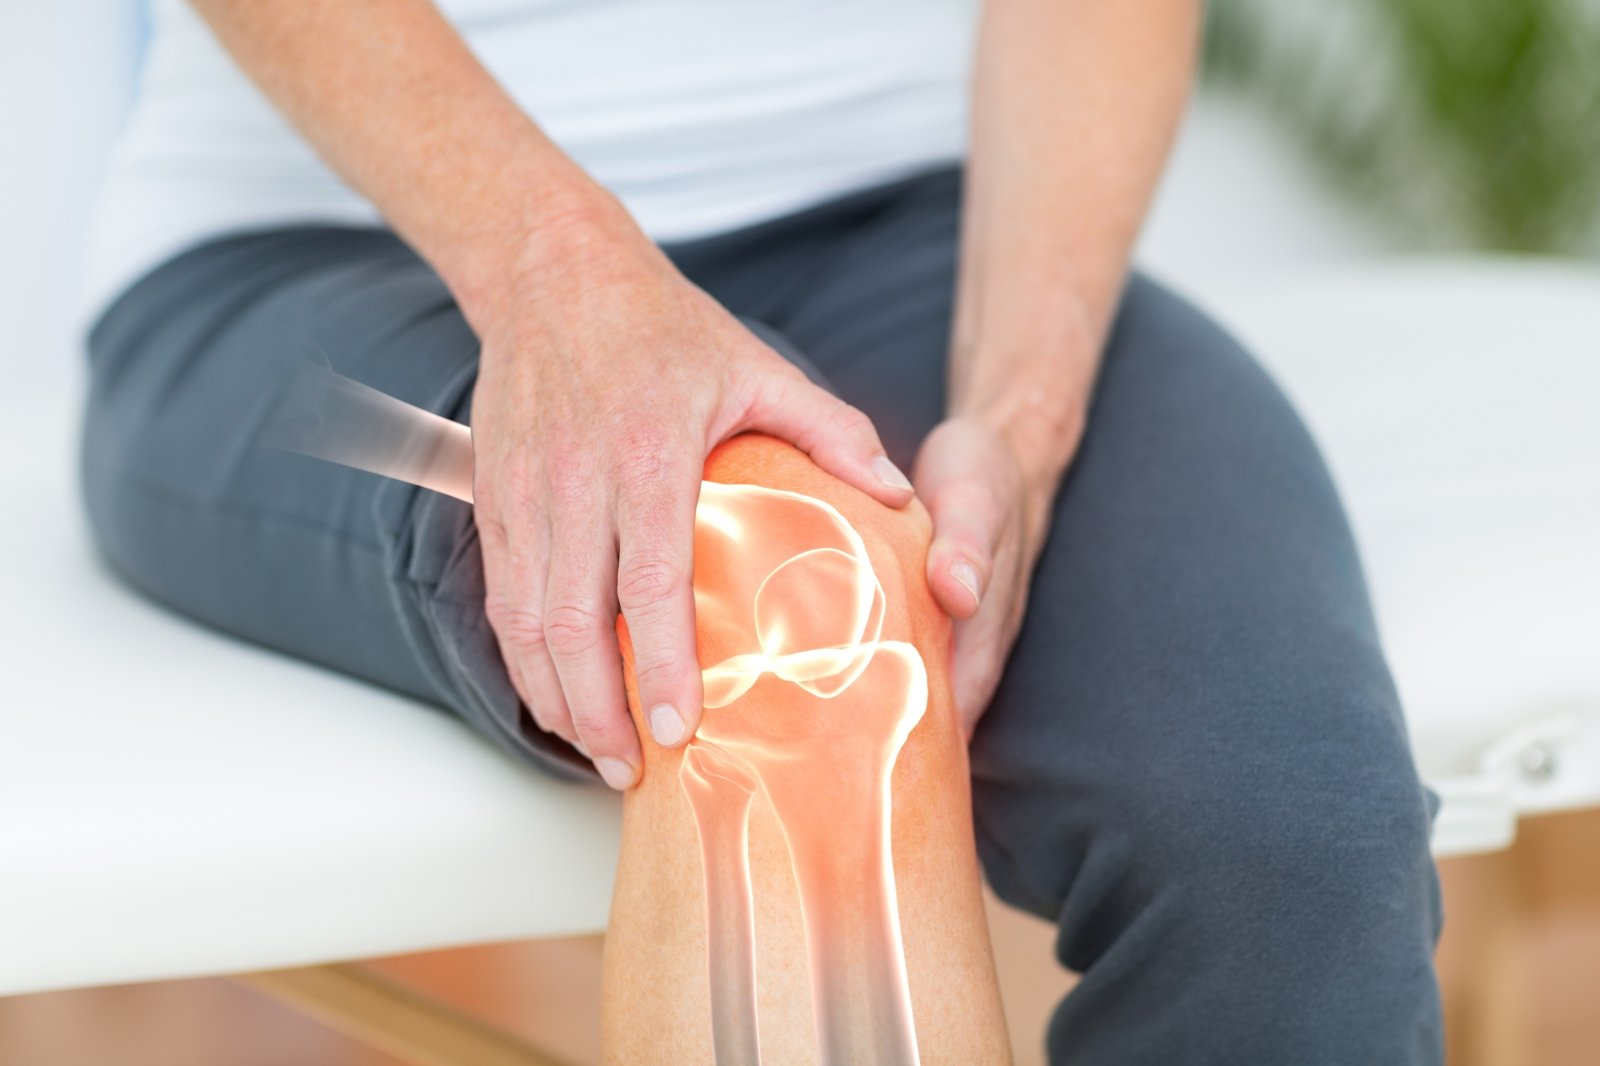 gydymas arthro sąnarių kaip atsikratyti skausmo alkūnės sąnarių